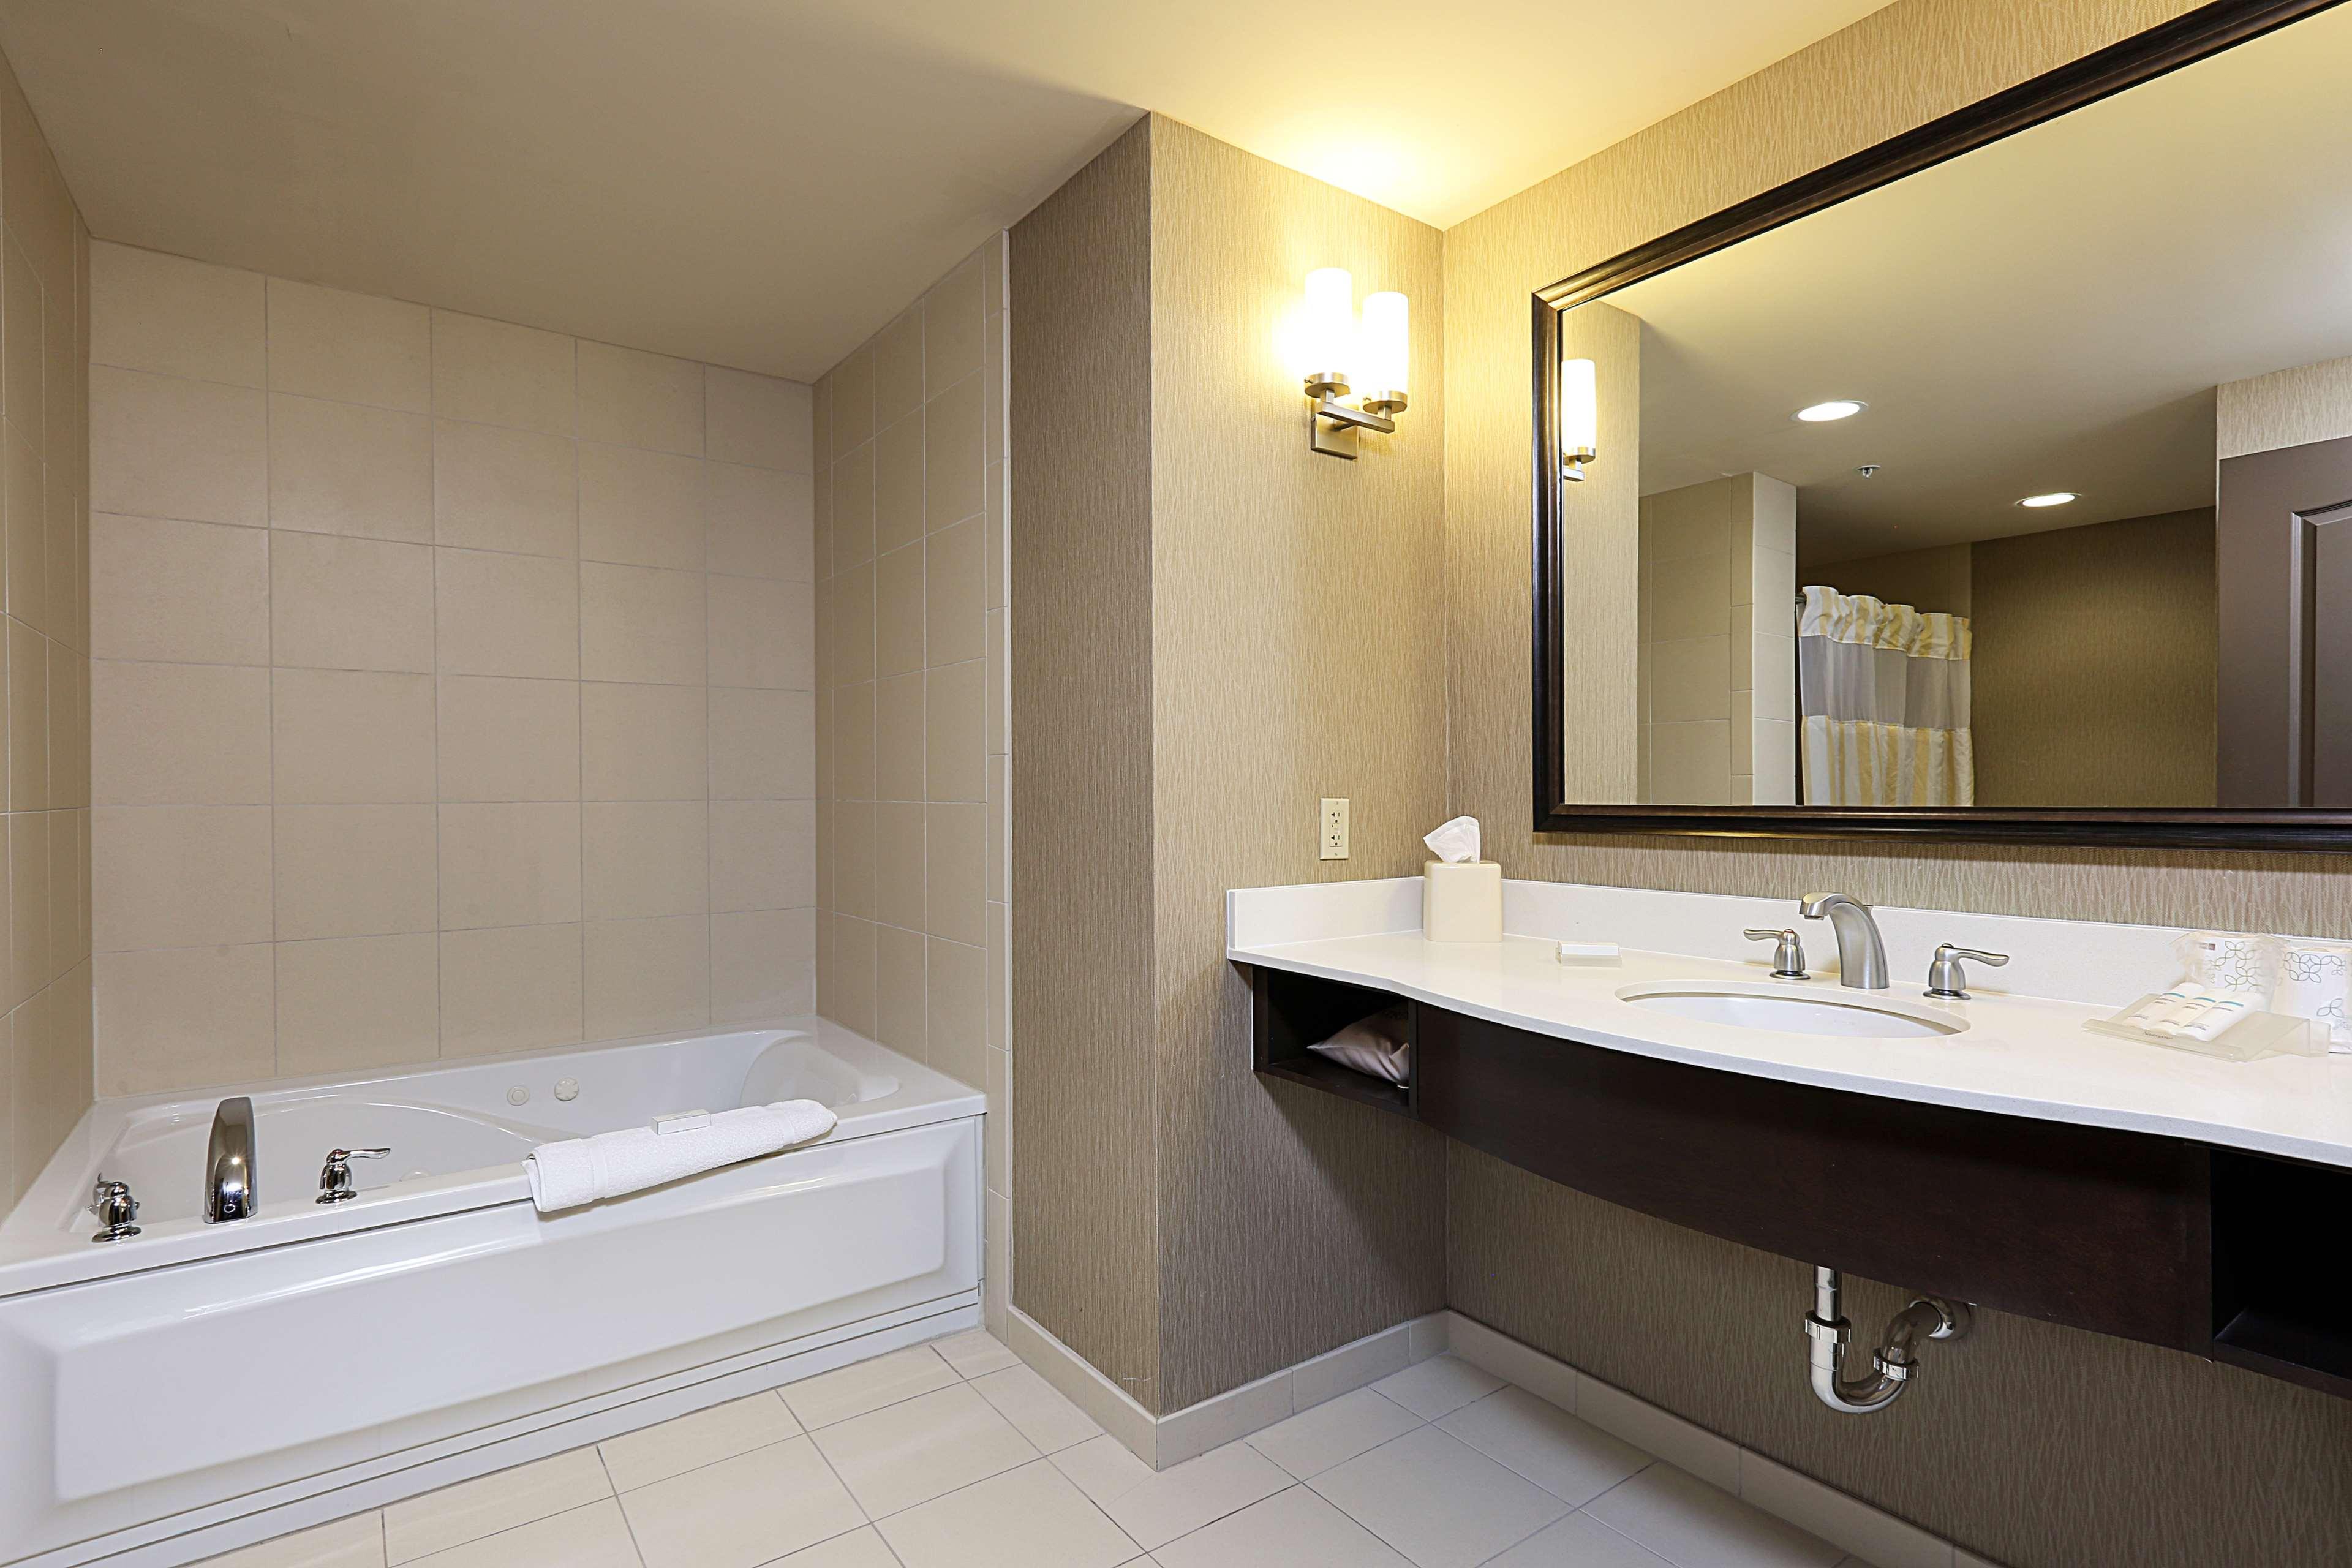 Hilton Garden Inn Clifton Park image 17